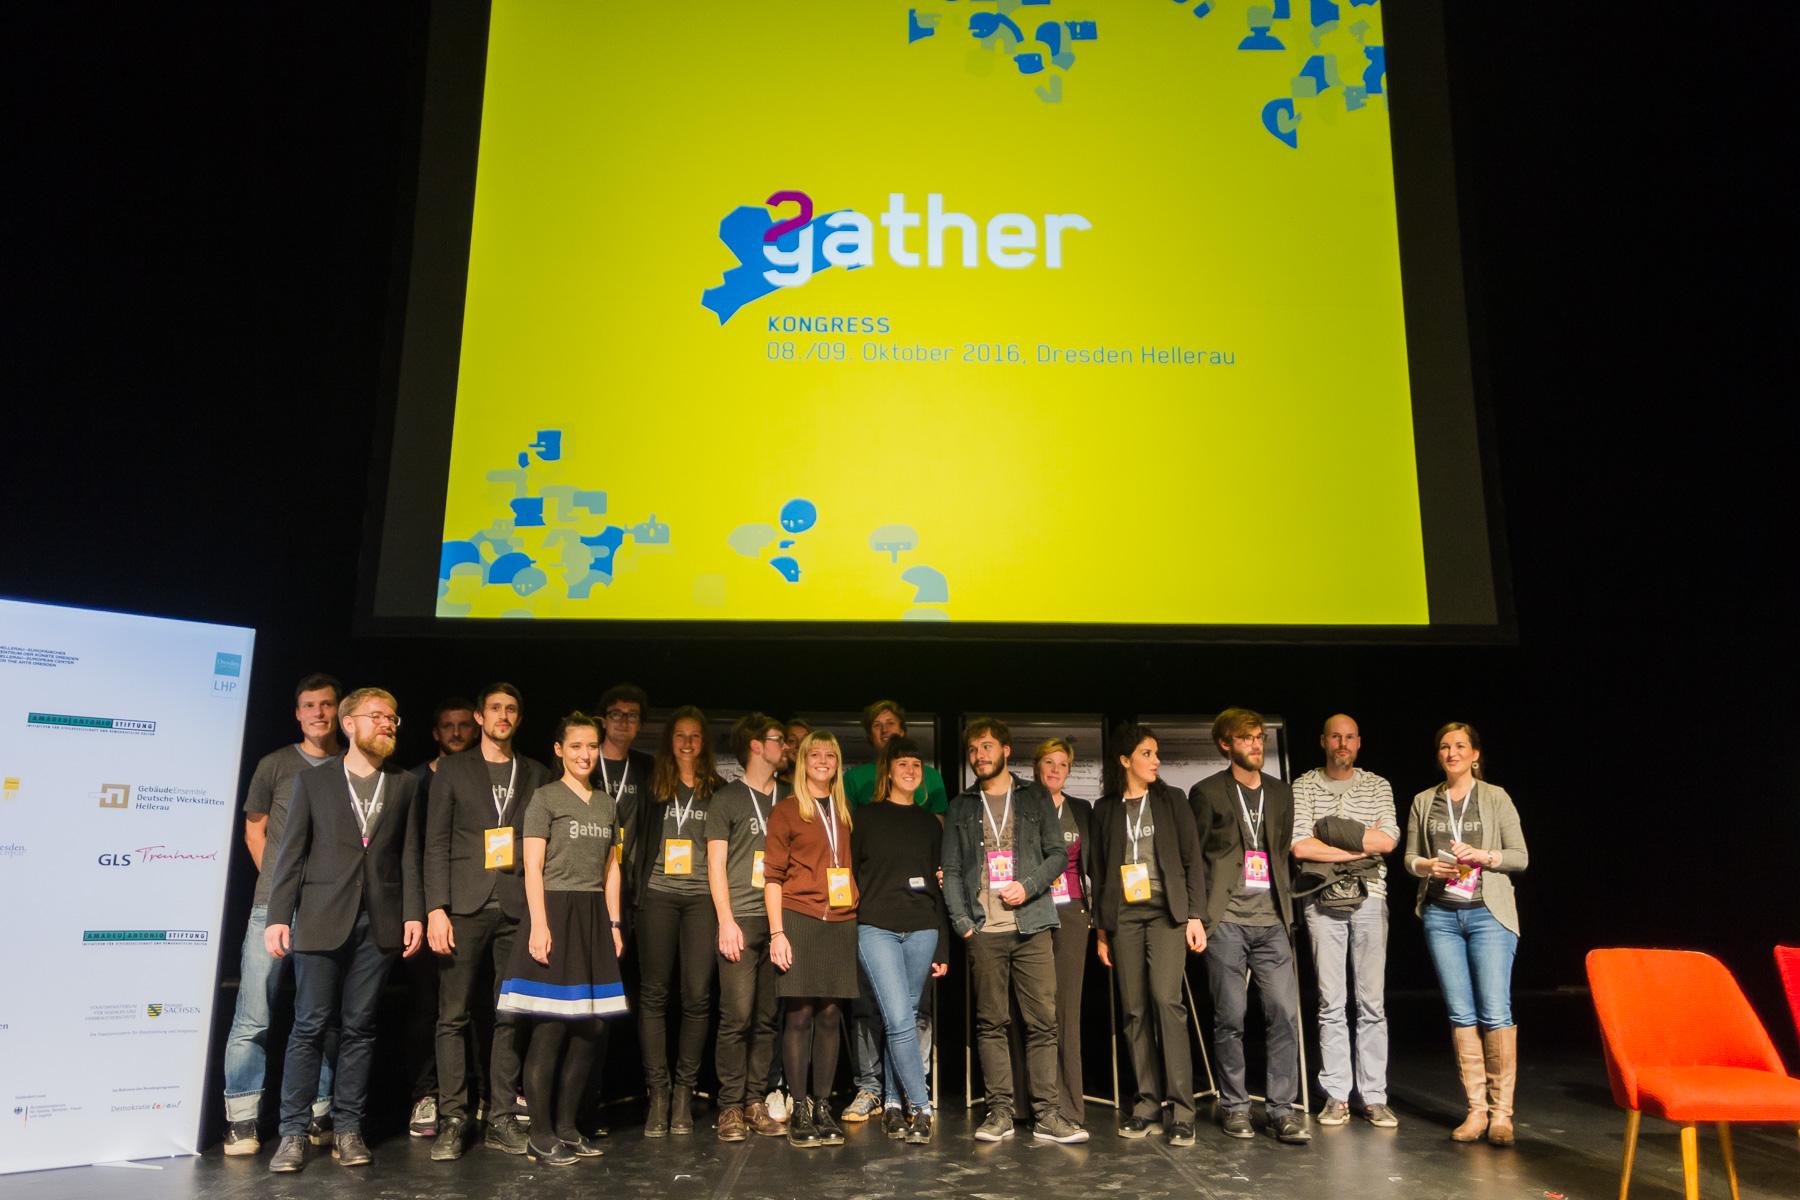 Der 2gather Kongress in Hellerau 2016